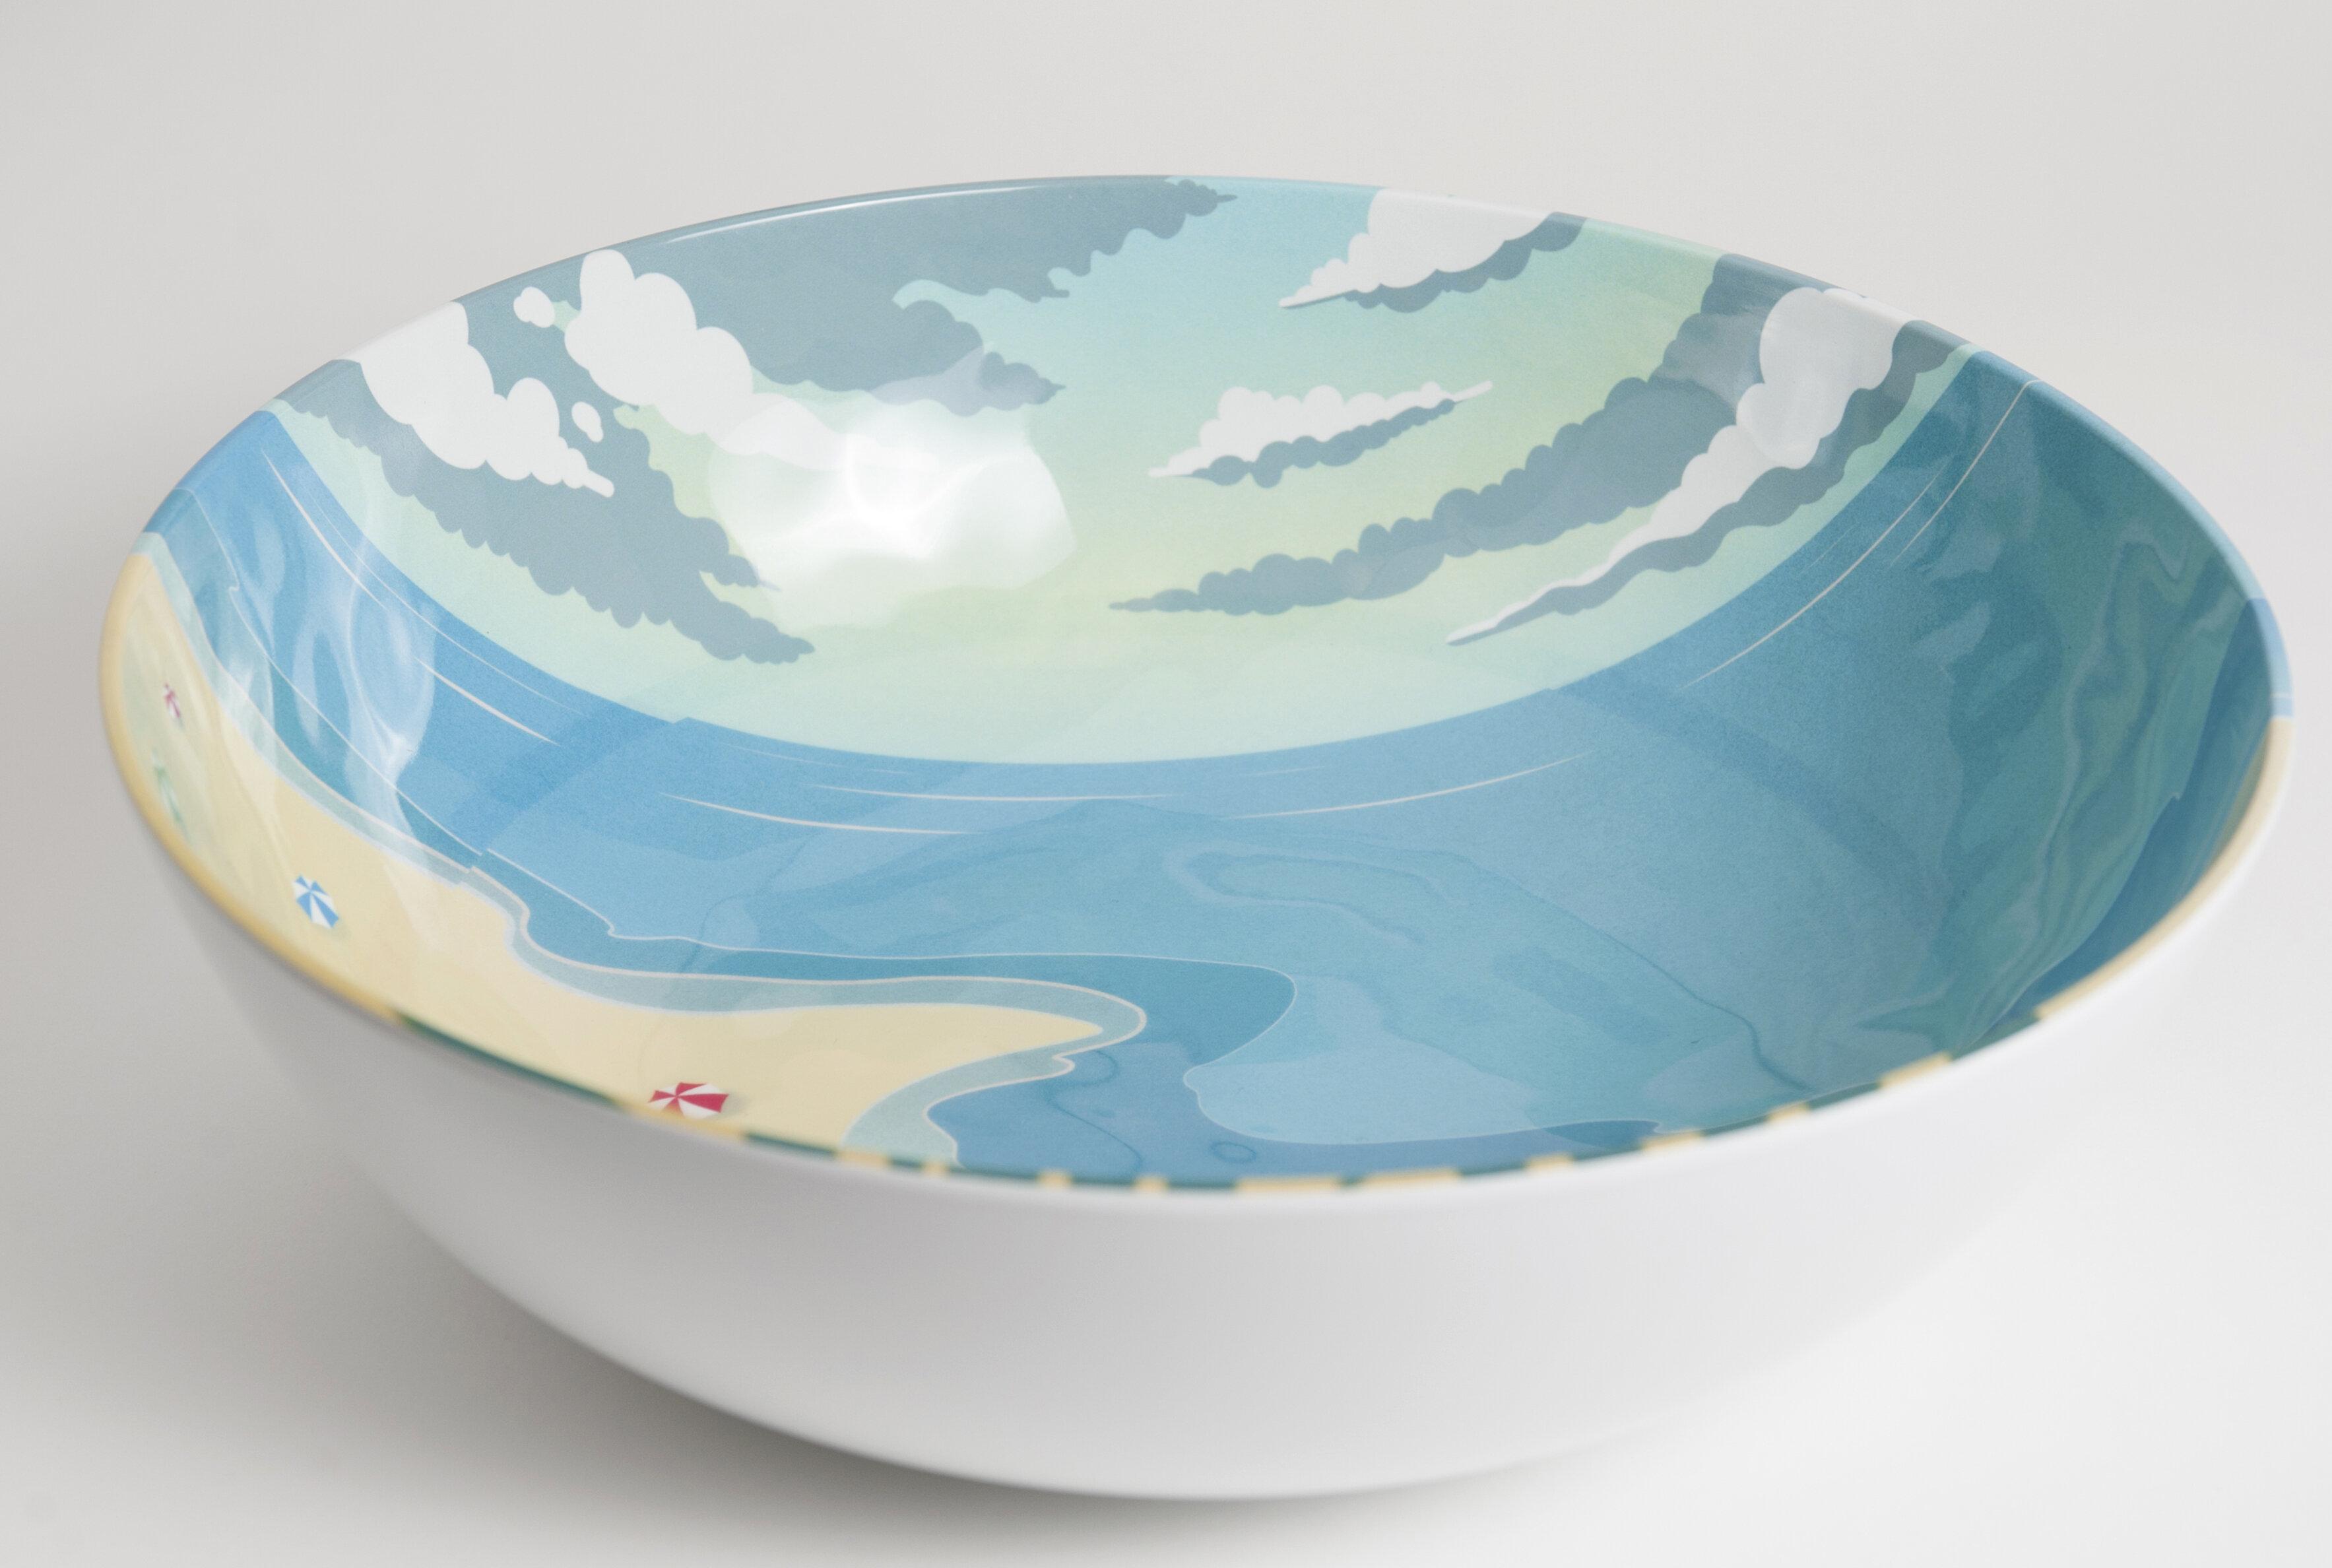 Galleyware Company Seaside Melamine Serving Bowl & Reviews | Wayfair